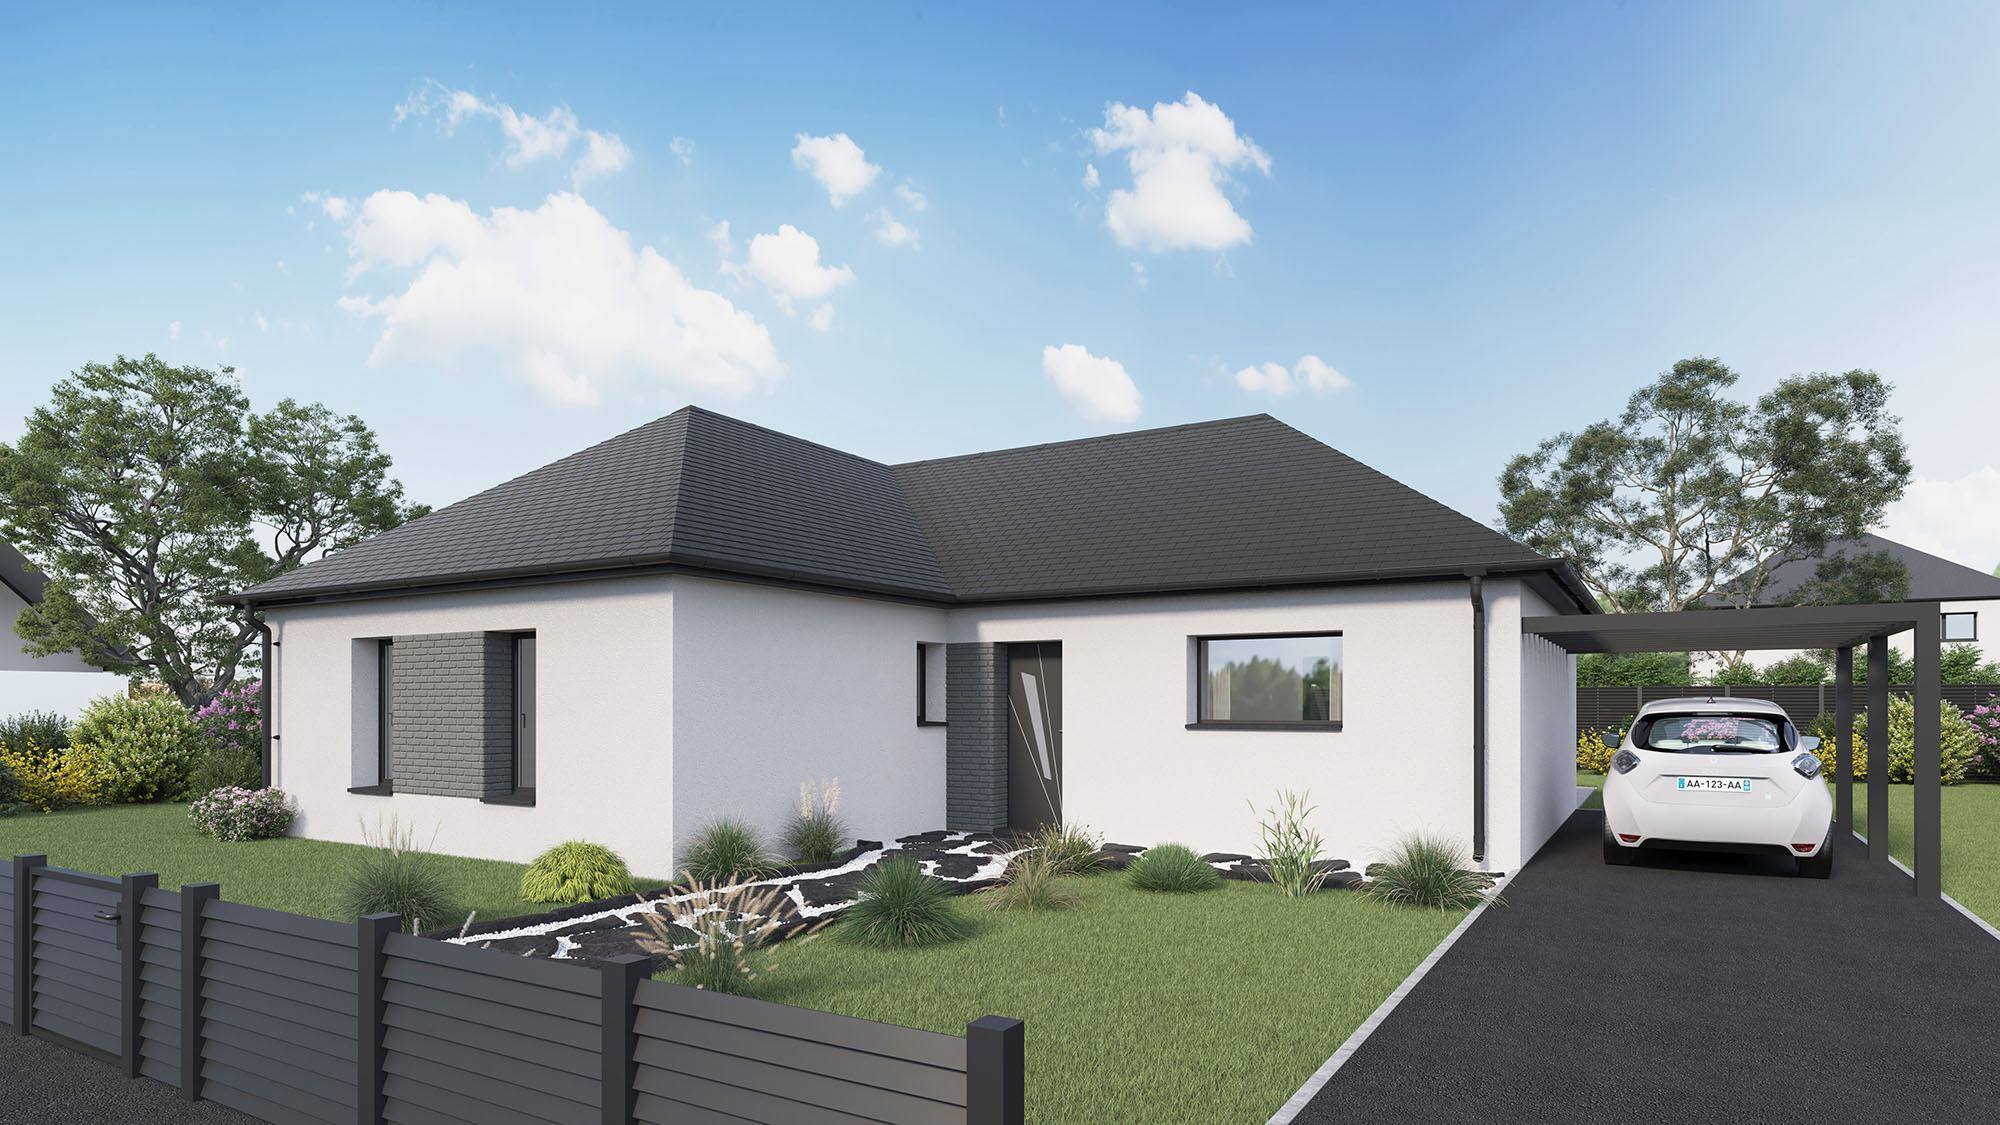 Maisons + Terrains du constructeur MAISON CASTOR • 100 m² • GUICHAINVILLE